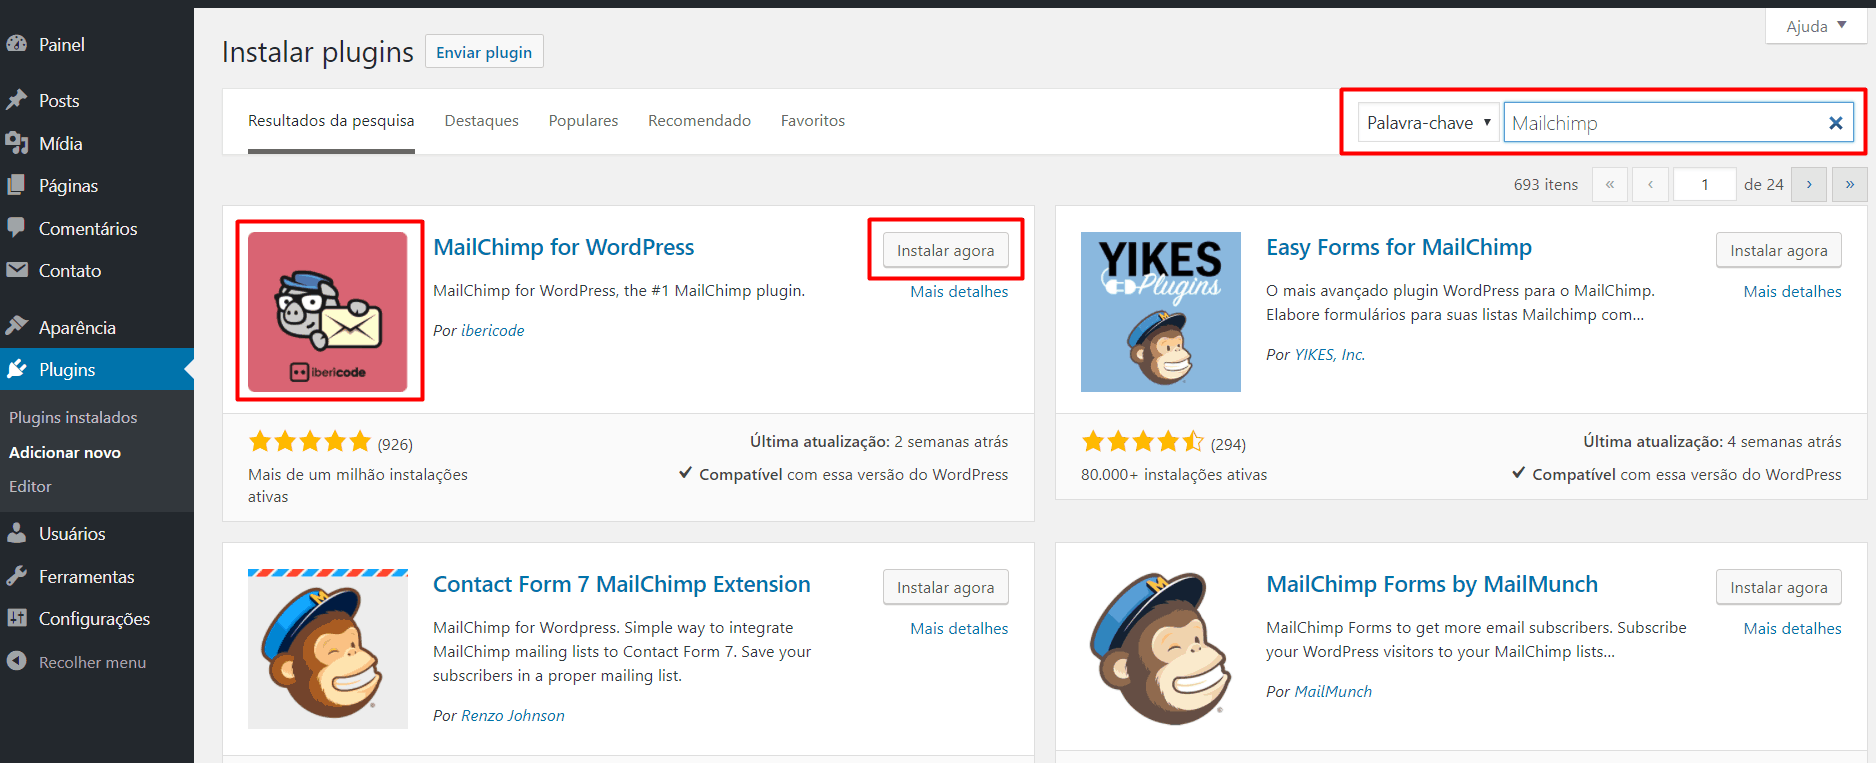 Instalando o MailChimp no WordPress